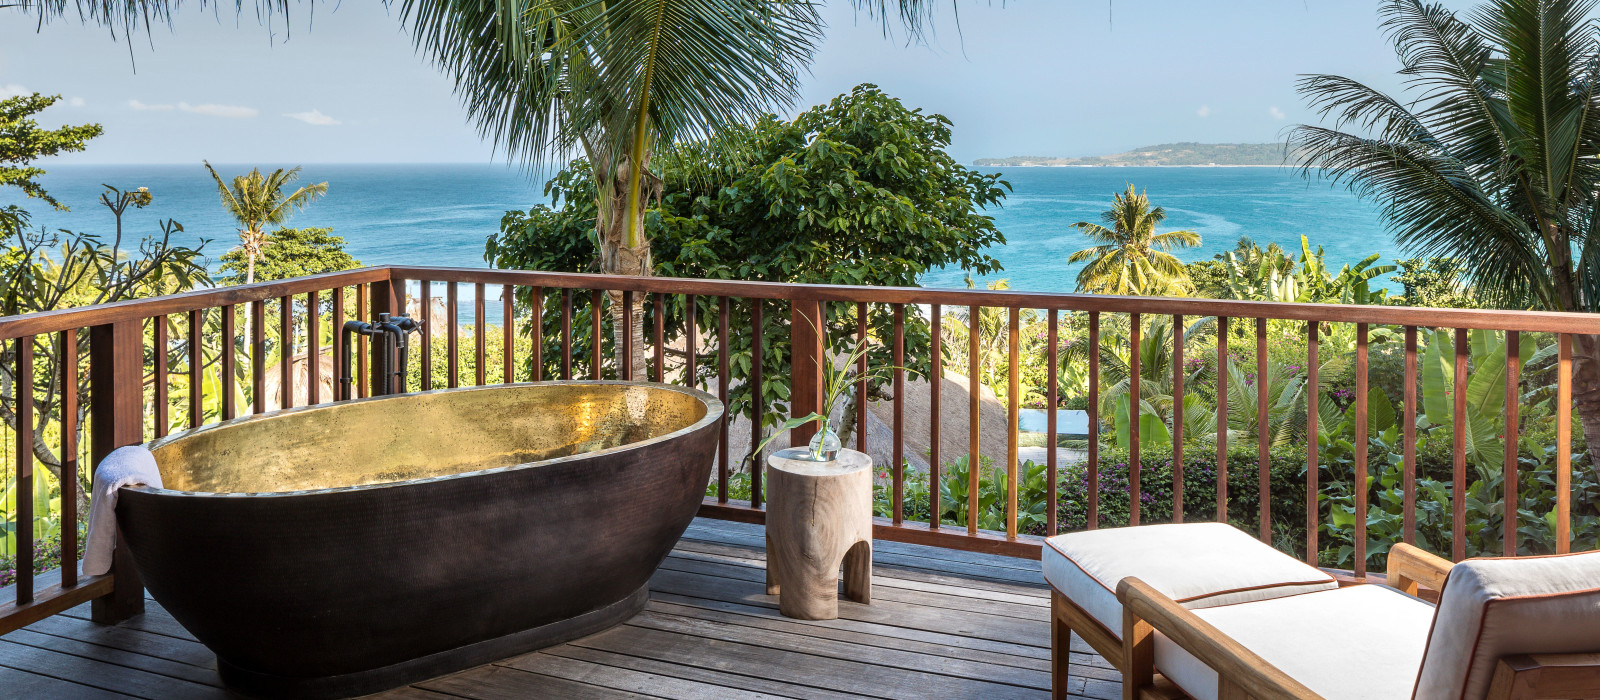 Hotel Nihi Sumba by Chris Beach Indonesien